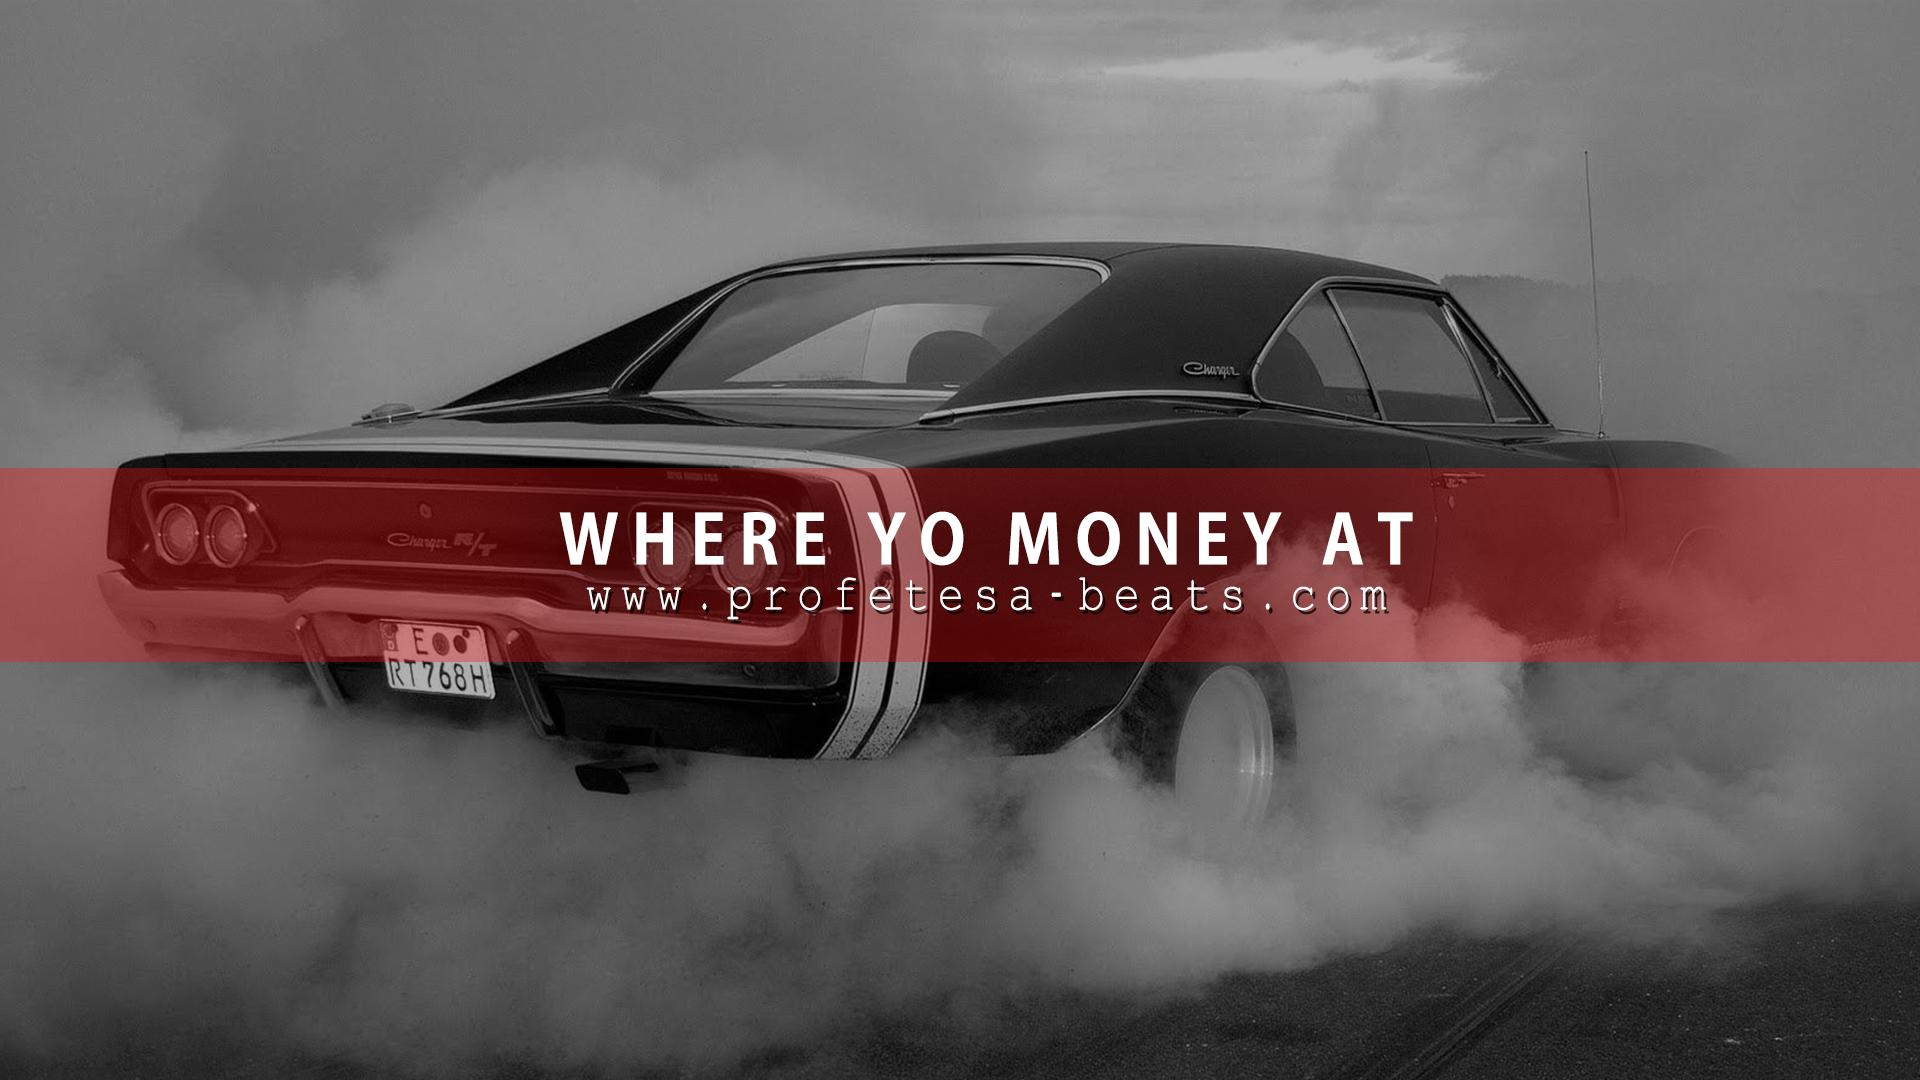 Where Yo Money At